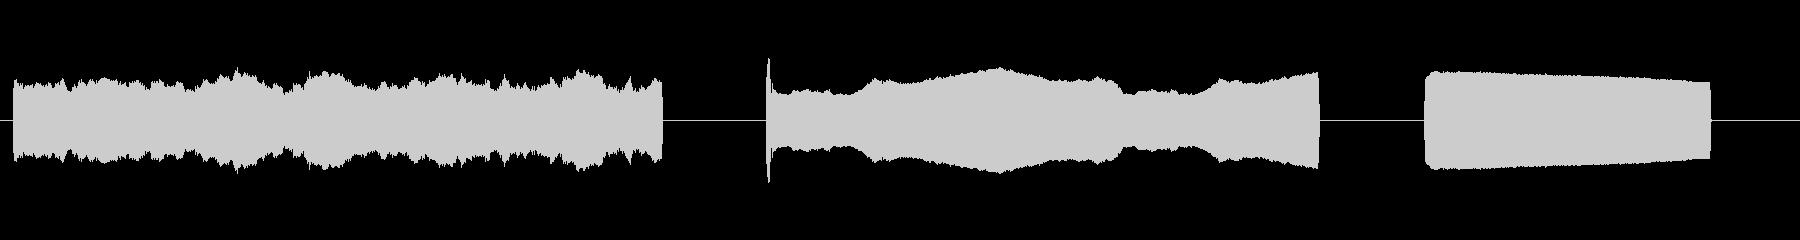 レーザービーム大型レーザービーム_...の未再生の波形